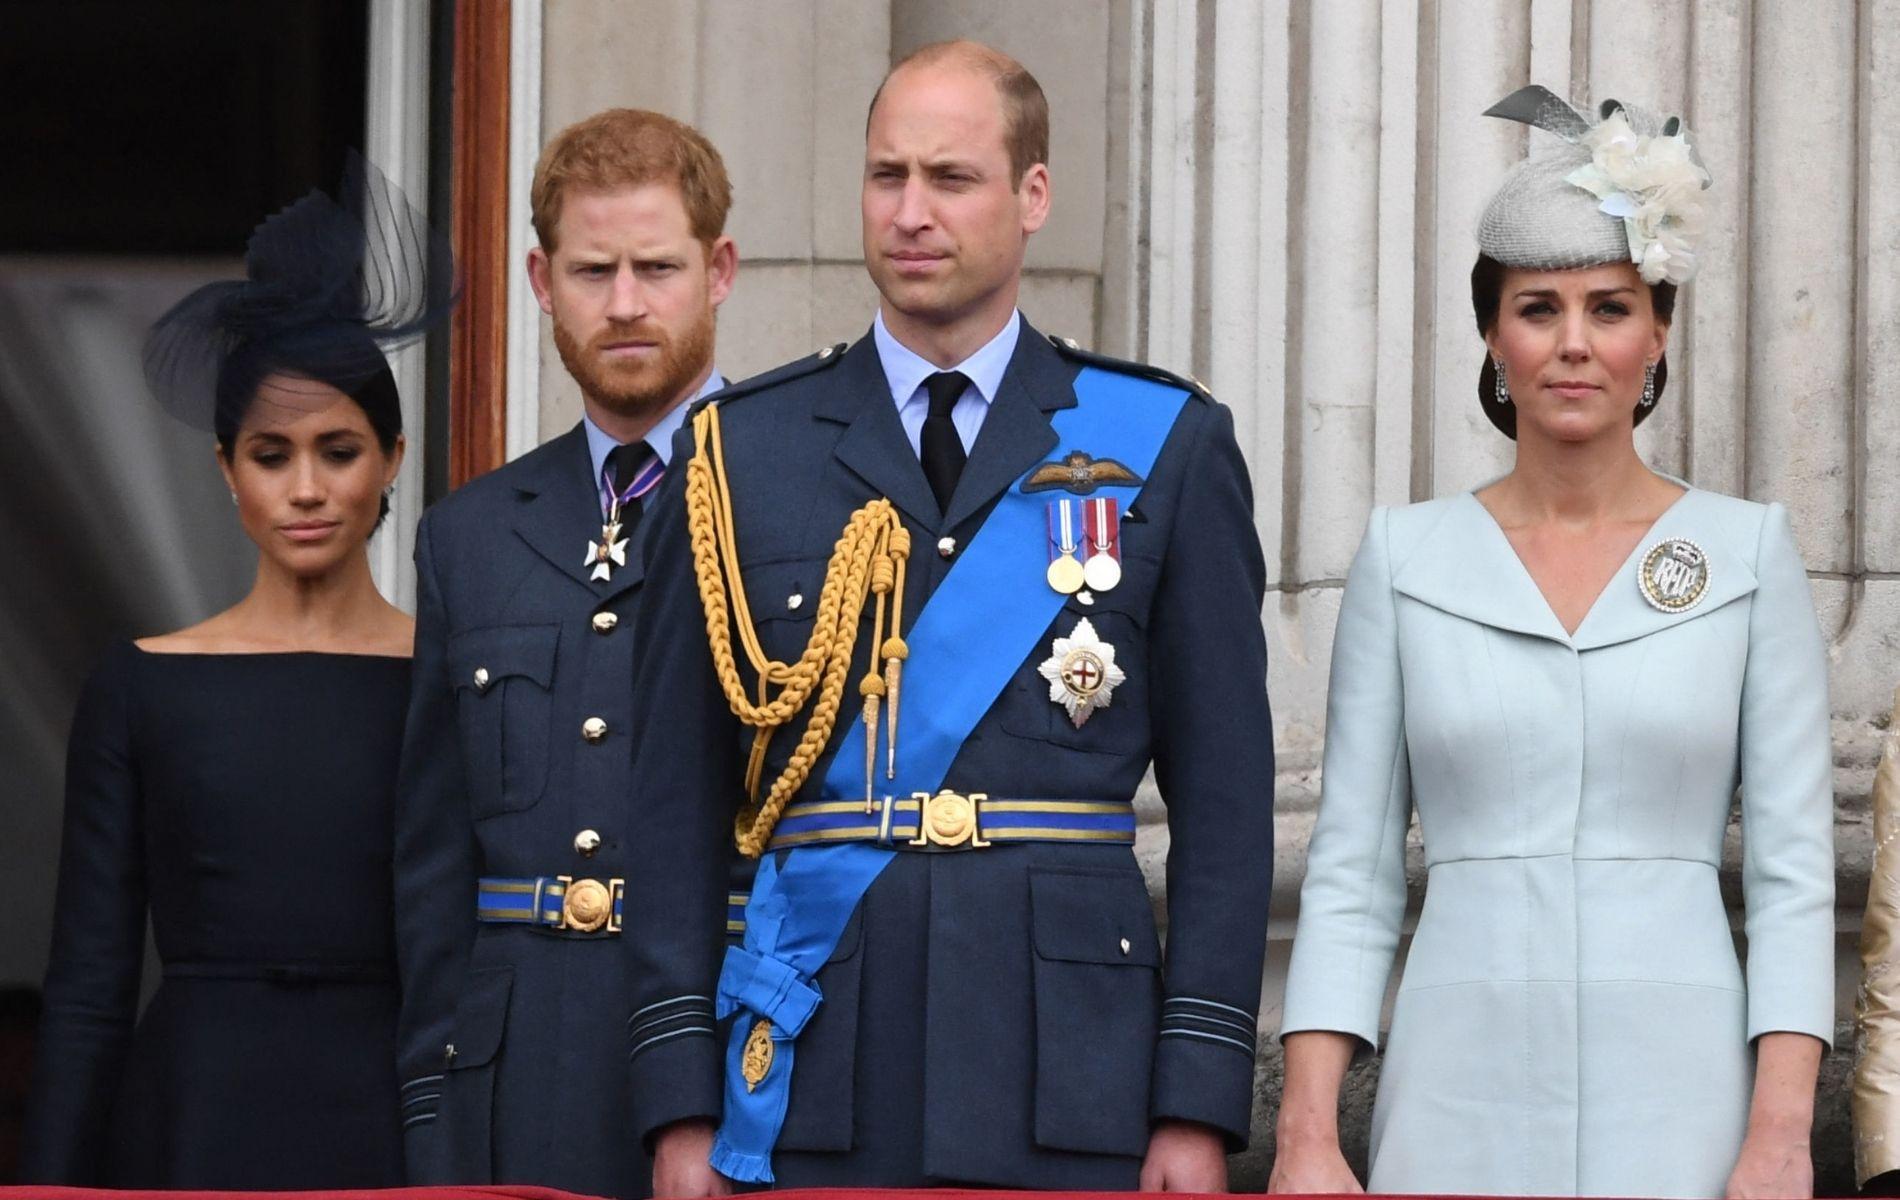 """""""Héritiers du chagrin"""" : la querelle des princes William et Harry a-t-elle été scellée par le destin ?"""